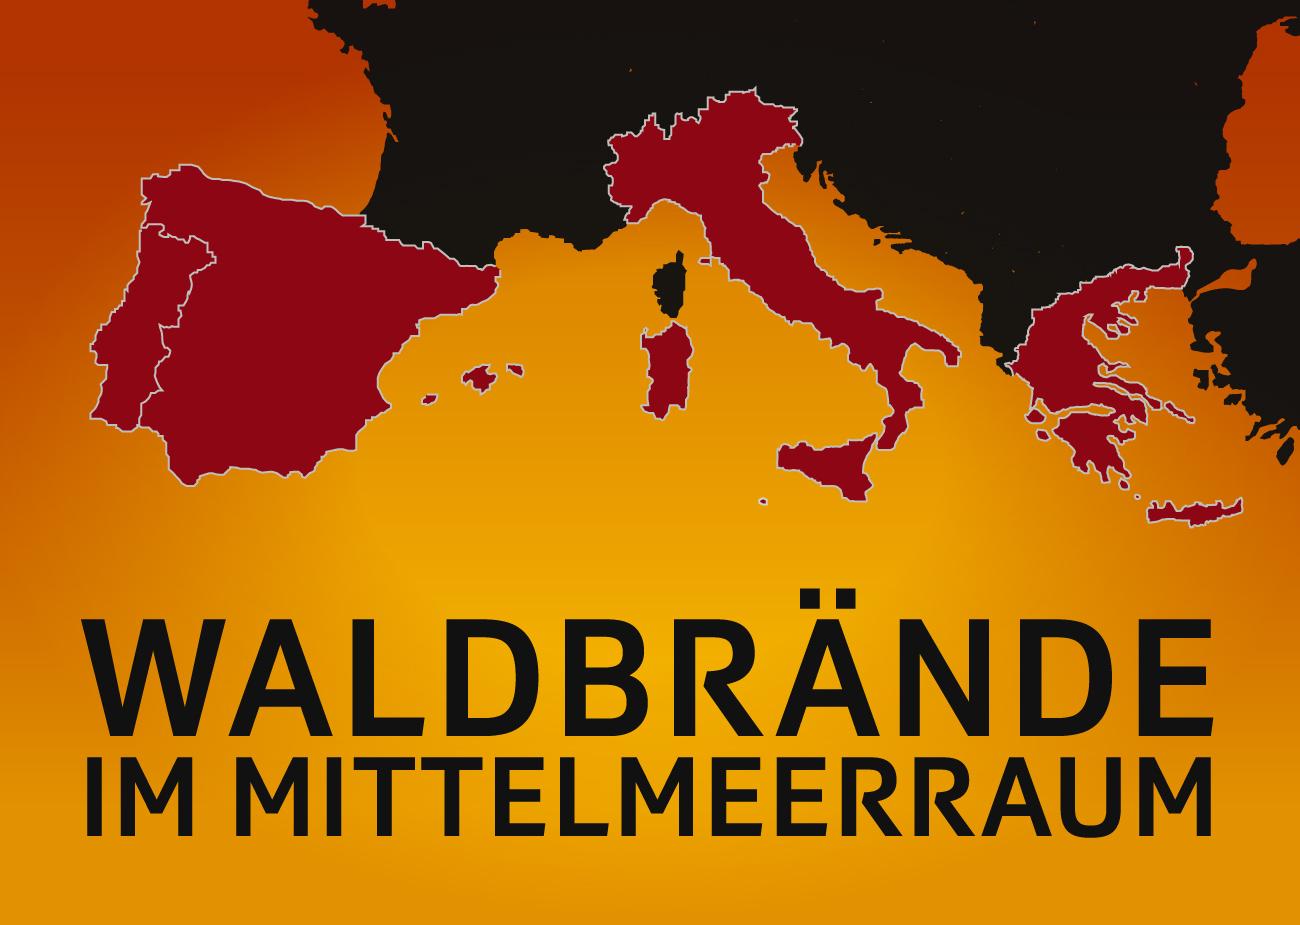 Waldbrände im Mittelmeerraum: In welchen Ländern es besonders häufig brennt